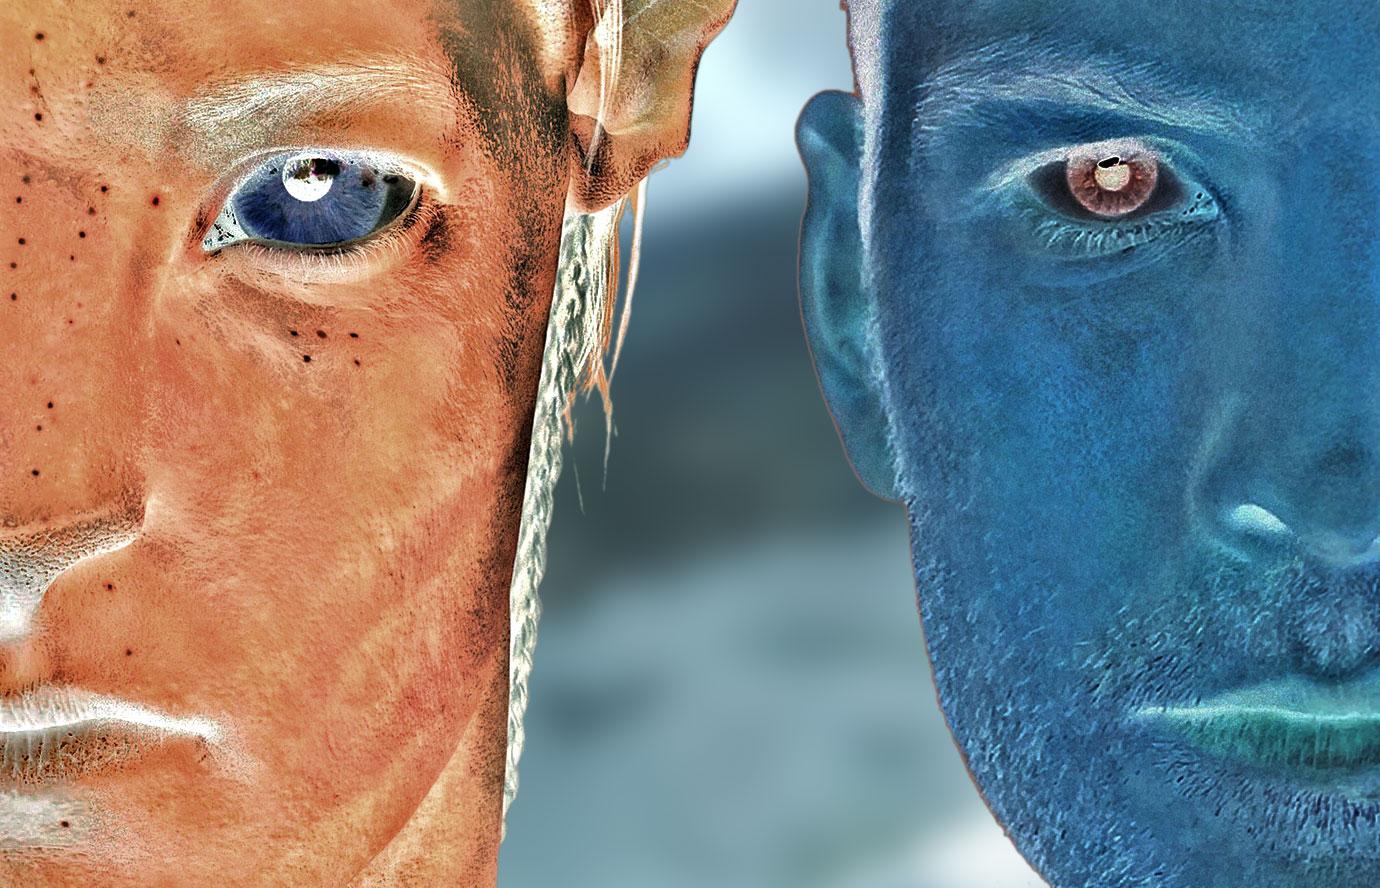 Jake et son Avatar en couleur négative